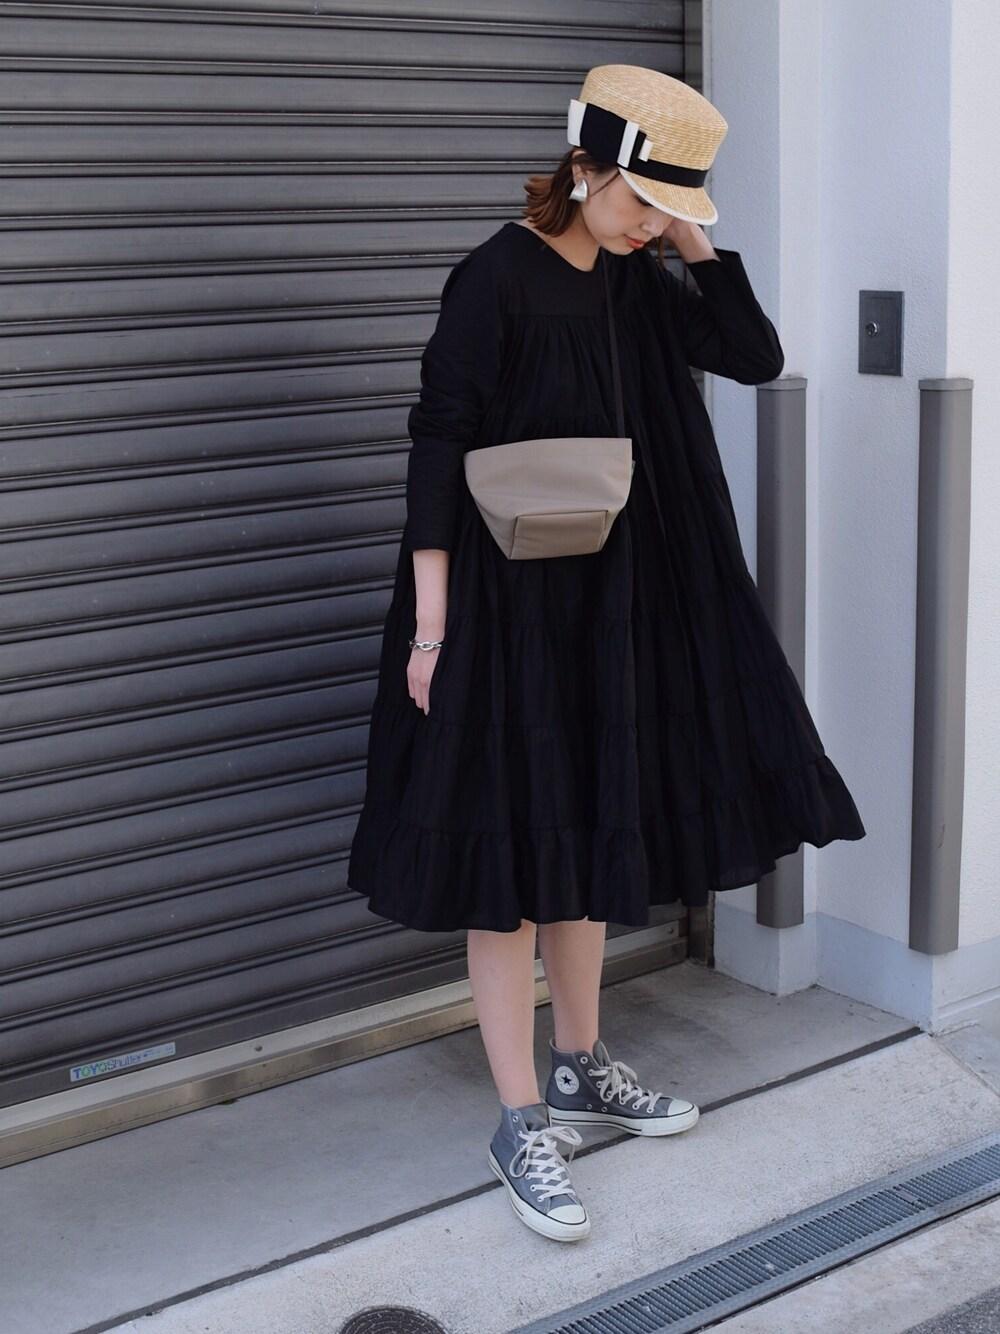 遊園地 ママコーデ テーマパーク ファッション 30代 40代 ティアードワンピ スニーカー